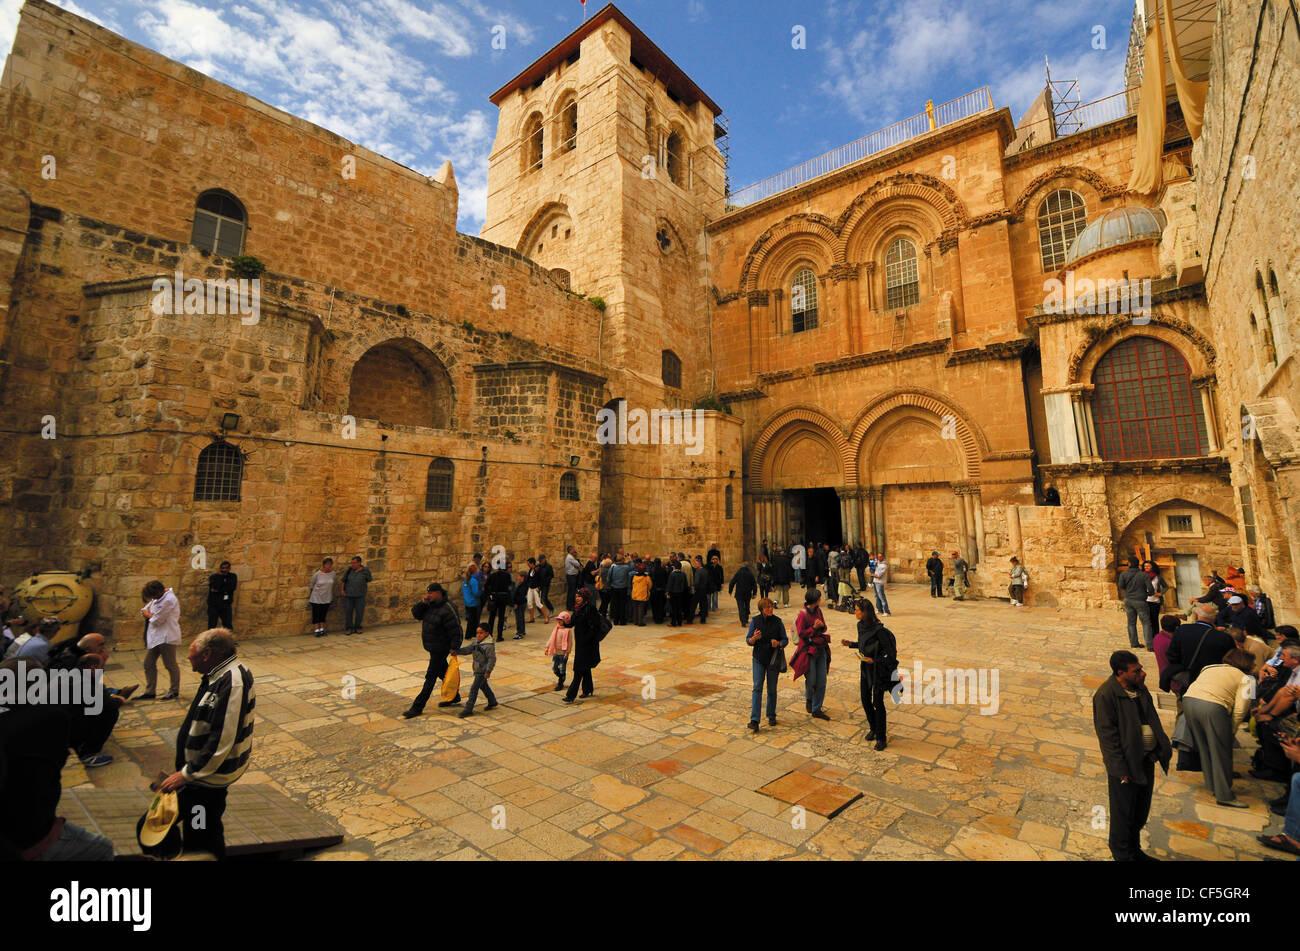 Kirche des Heiligen Grabes in Jerusalem, Israel Stockbild